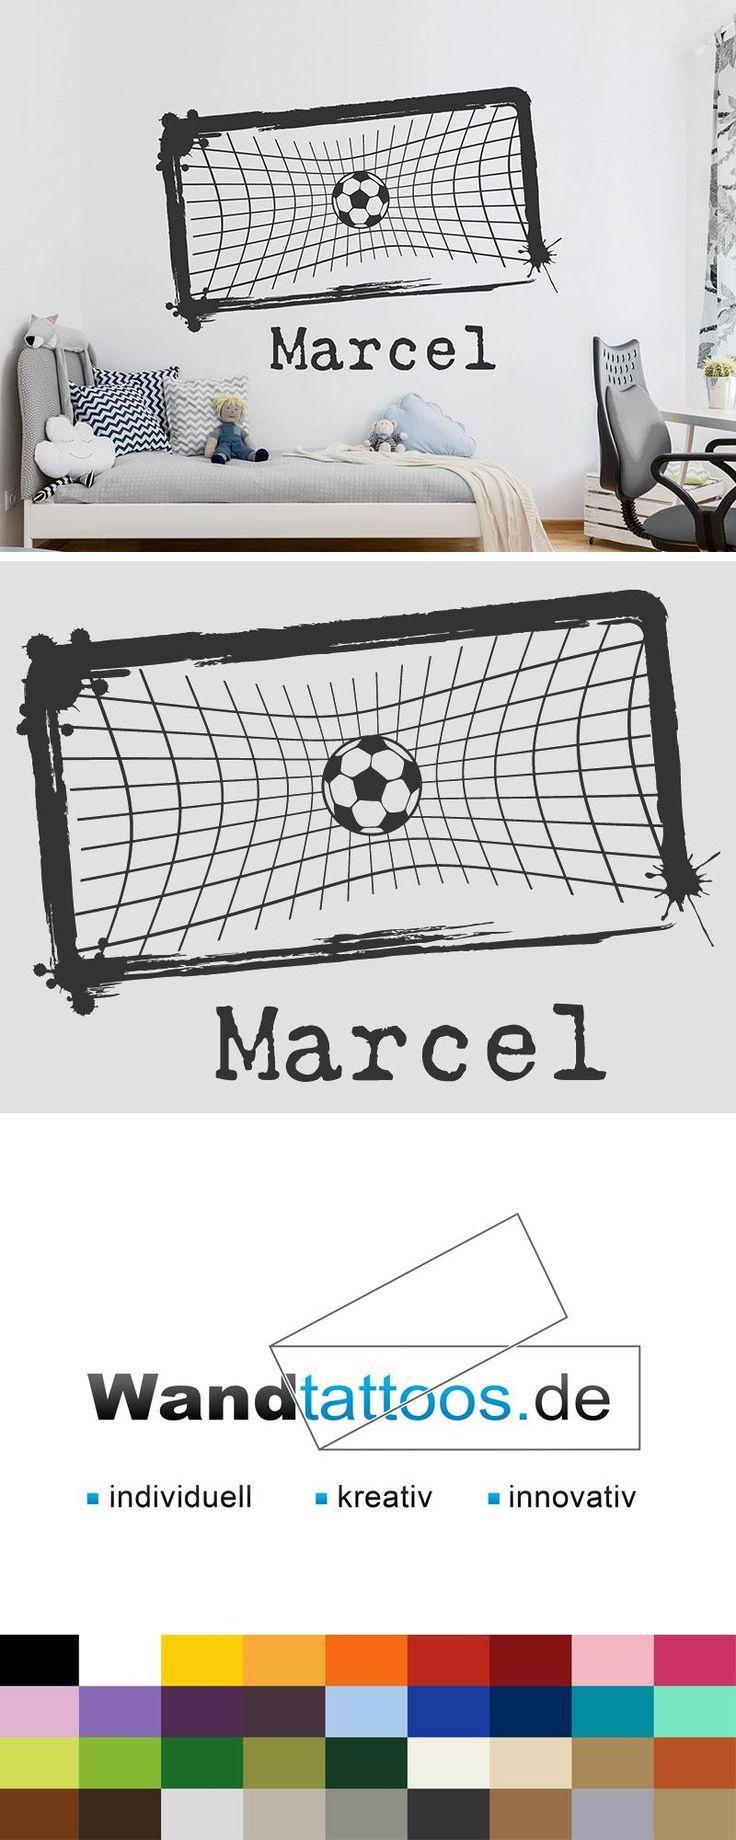 Wandtattoo Fußball im Tor mit Name als Idee zur individuellen Wandgestaltung. Einfach Lieblingsfarbe und Größe auswählen. Weitere kreative Anregungen von Wandtattoos.de hier entdecken!